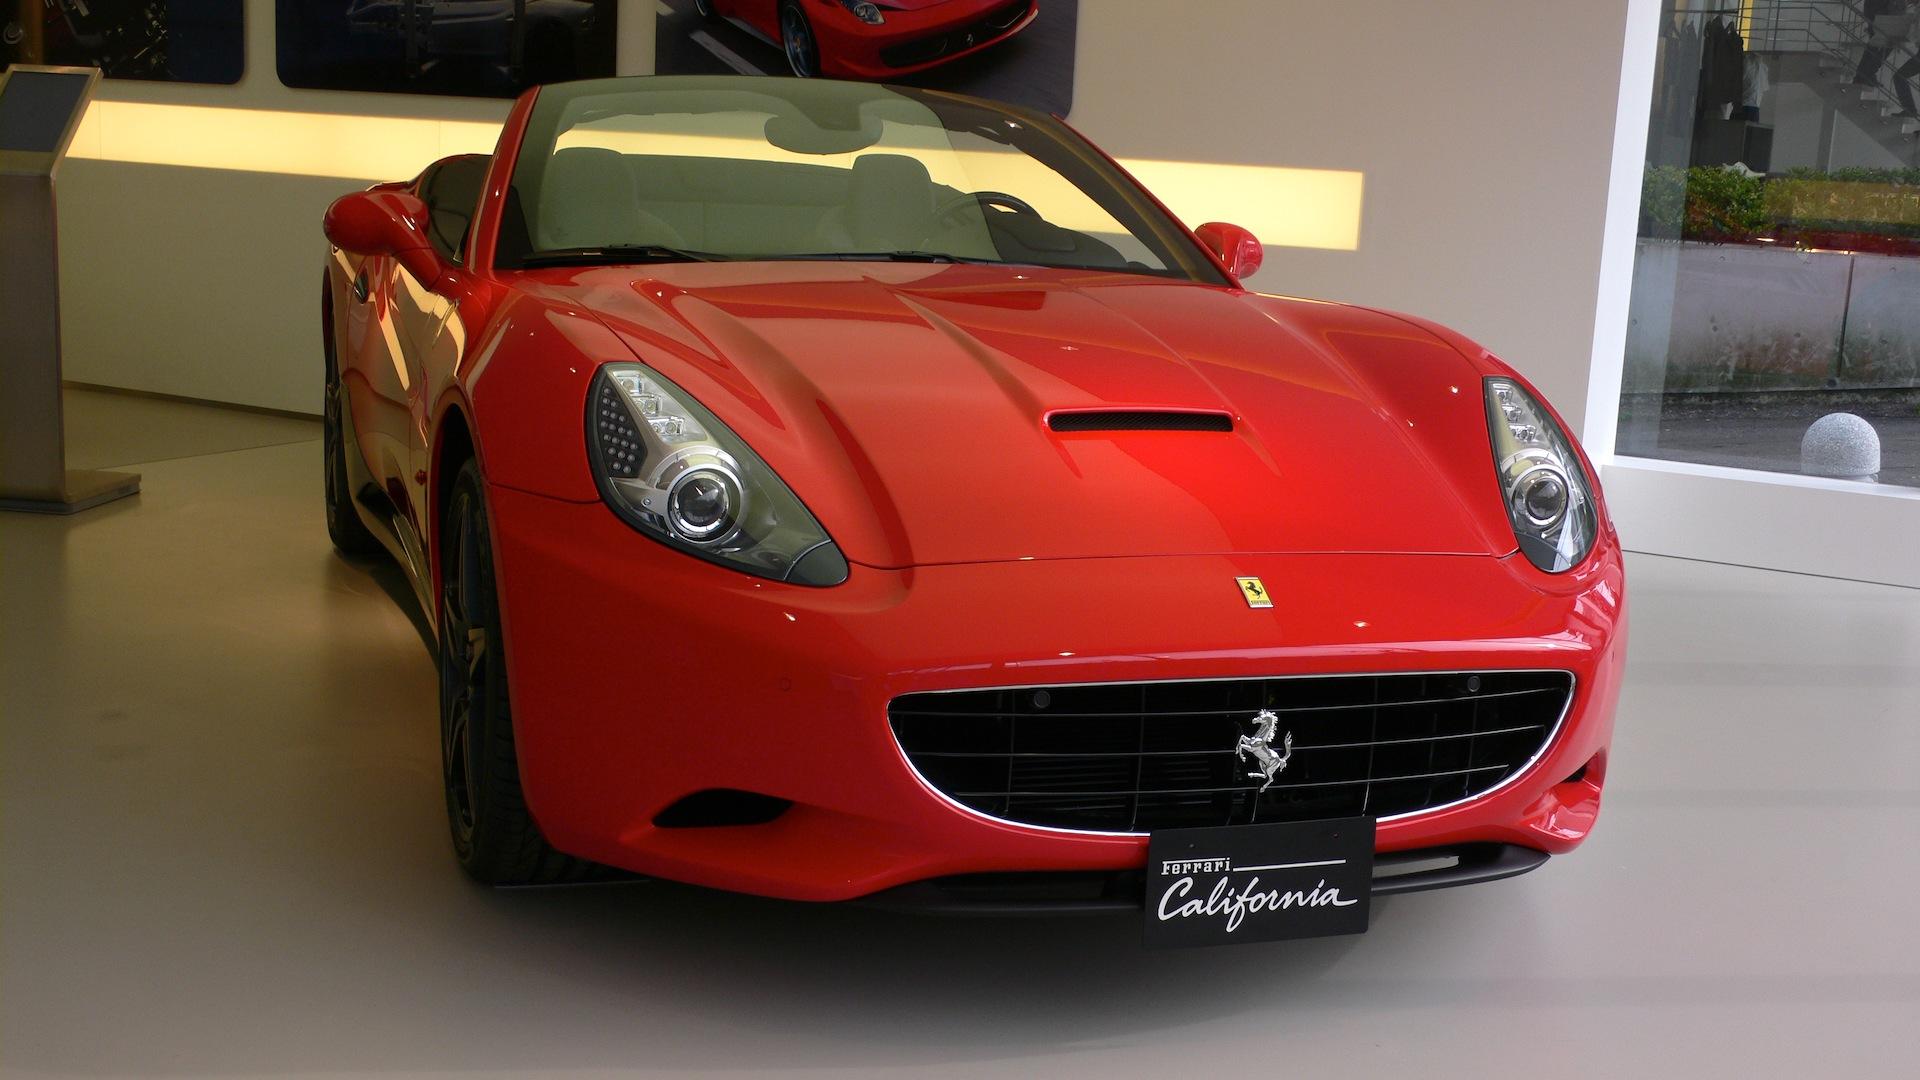 Ferrari rosso scuderia_e0189465_1705850.jpg